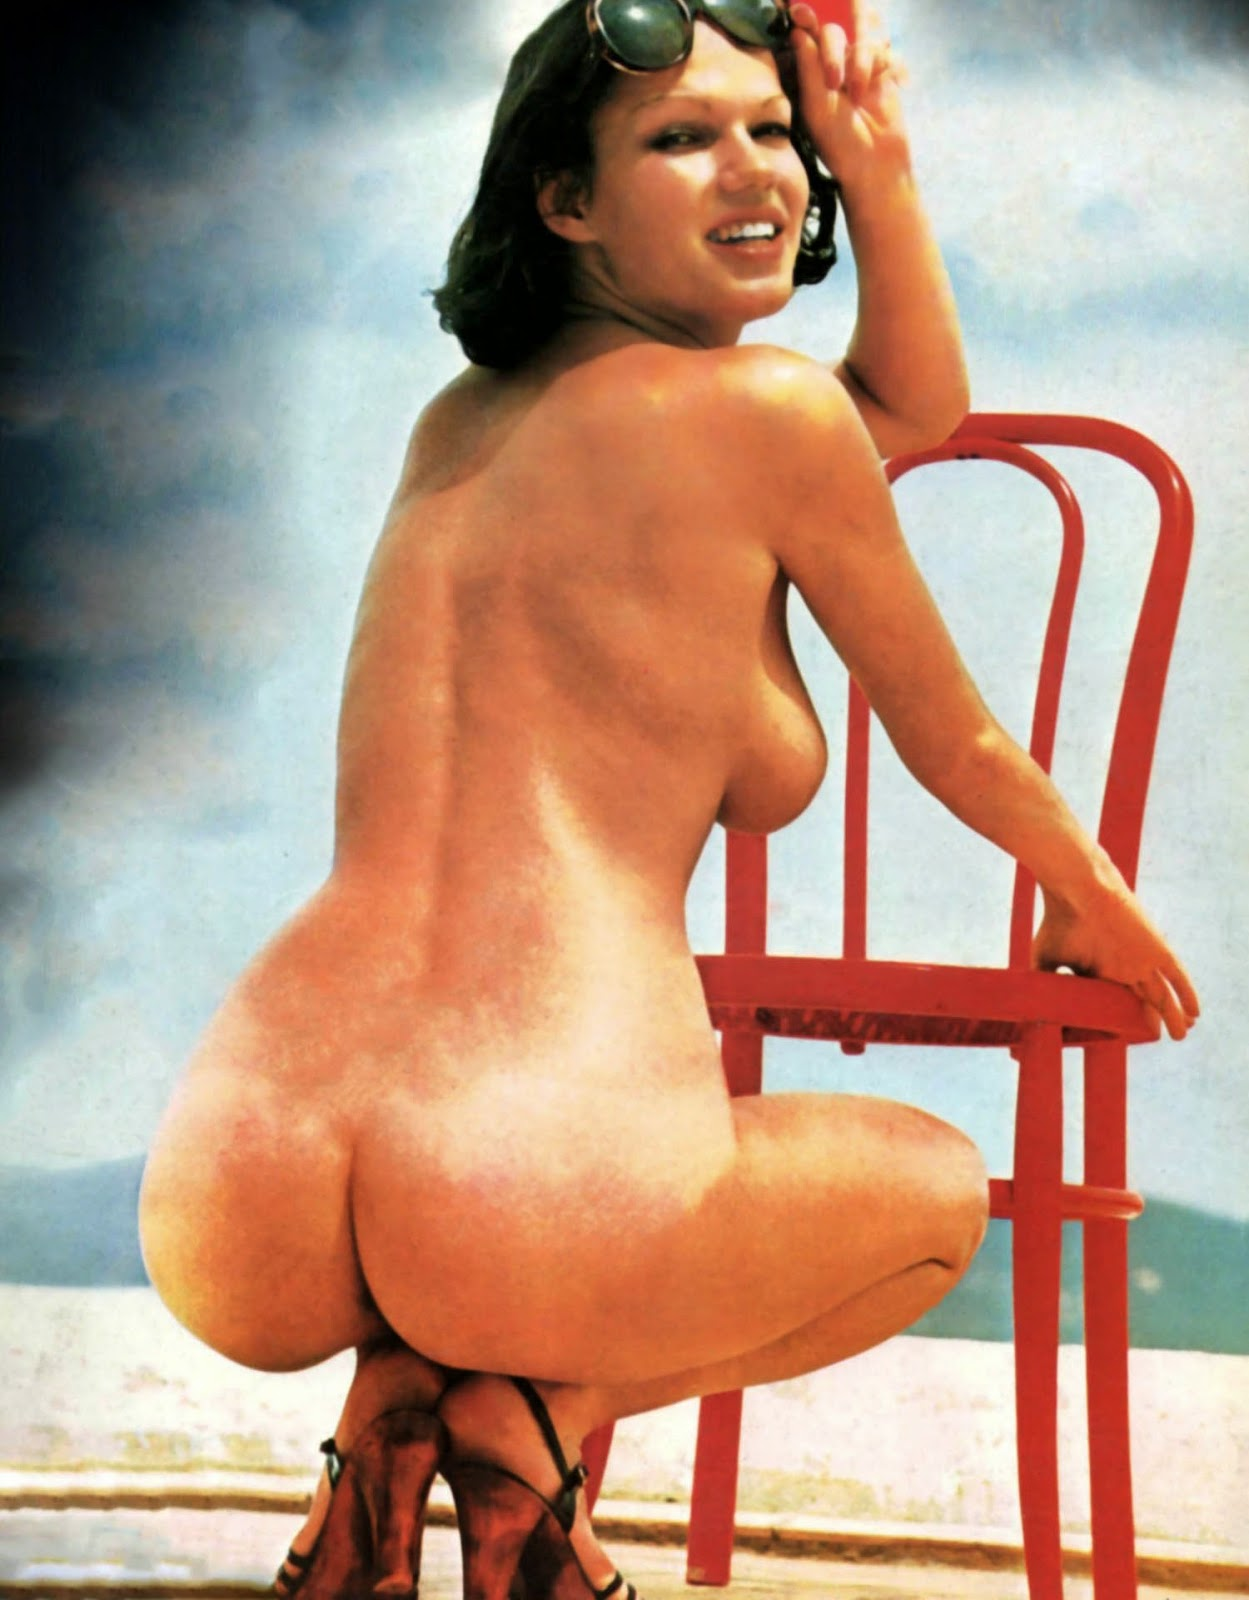 Le Meilleur Porn Dans Lhistoire alpha France 70 Photos